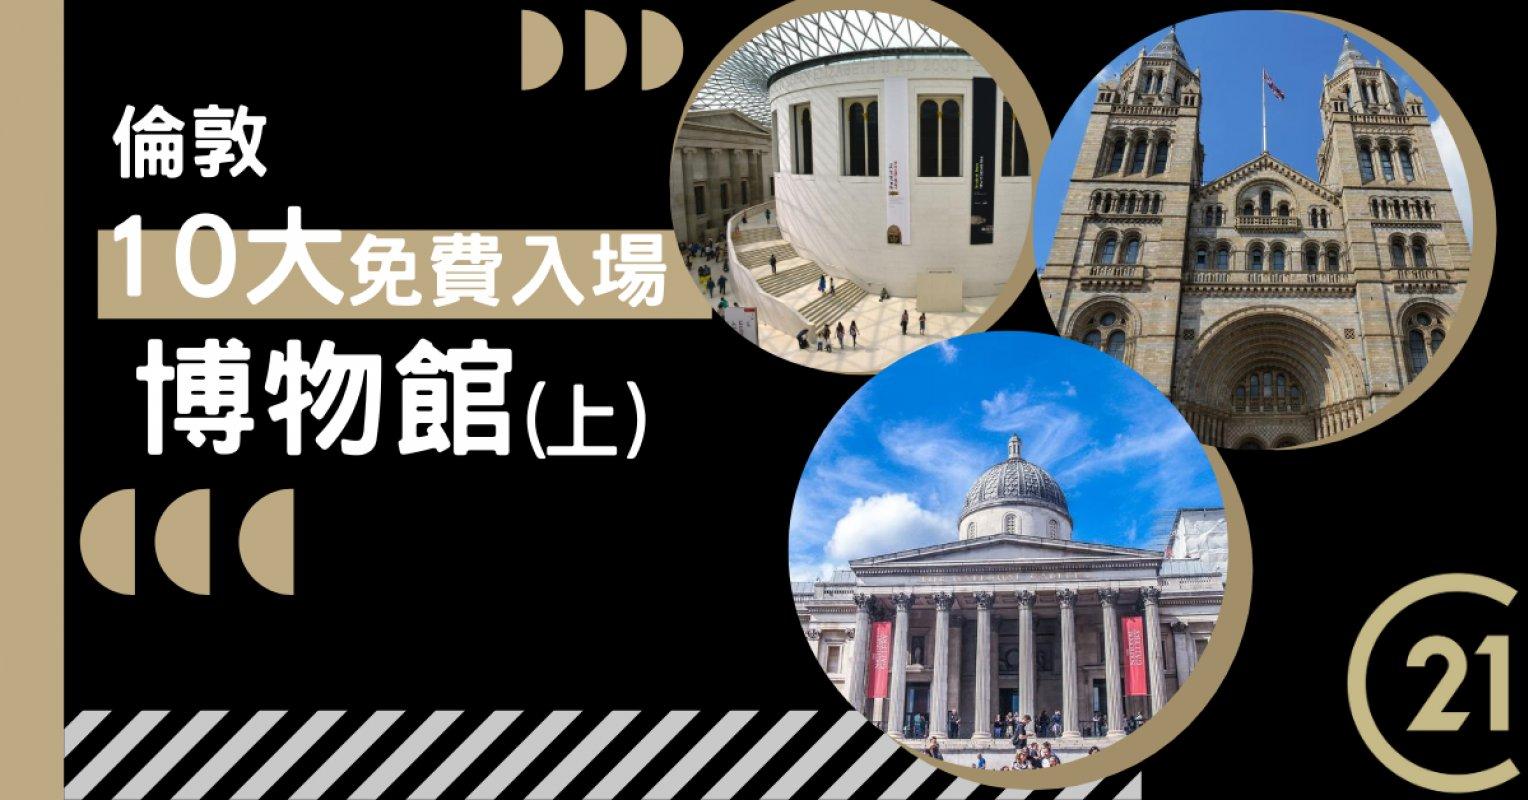 倫敦十大免費入場博物館(上)